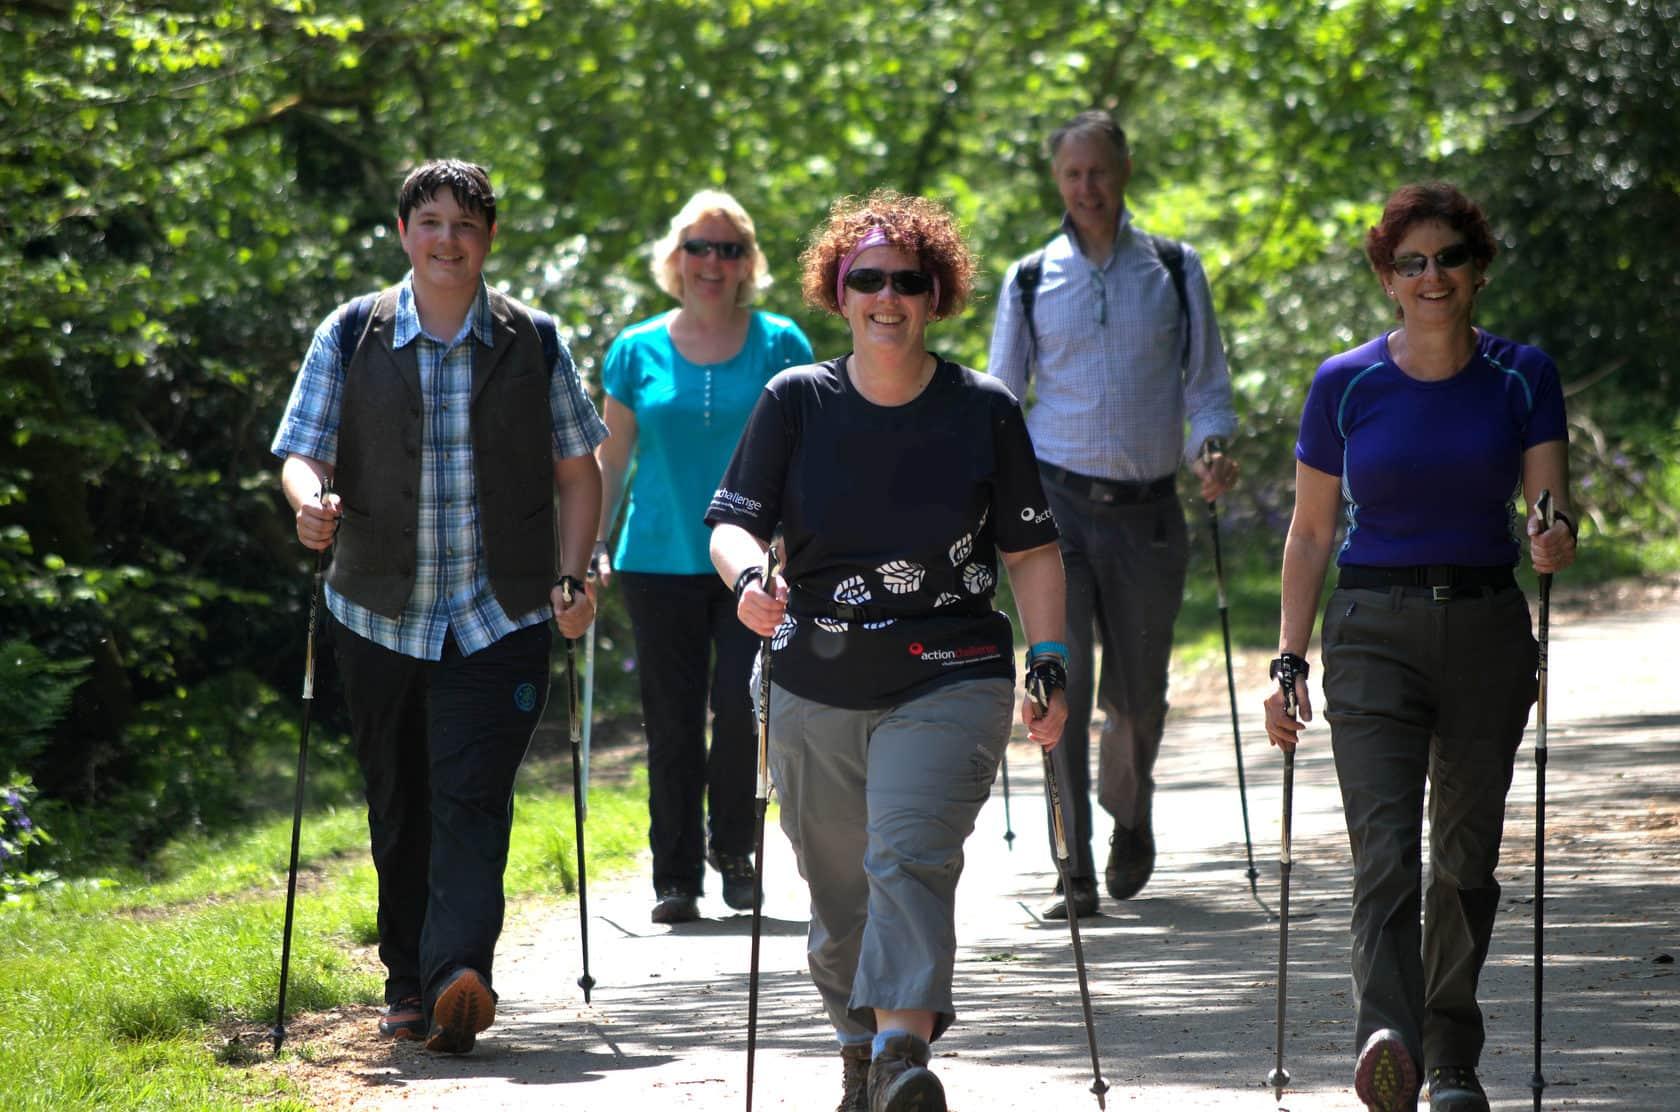 ходьба пенсионеров